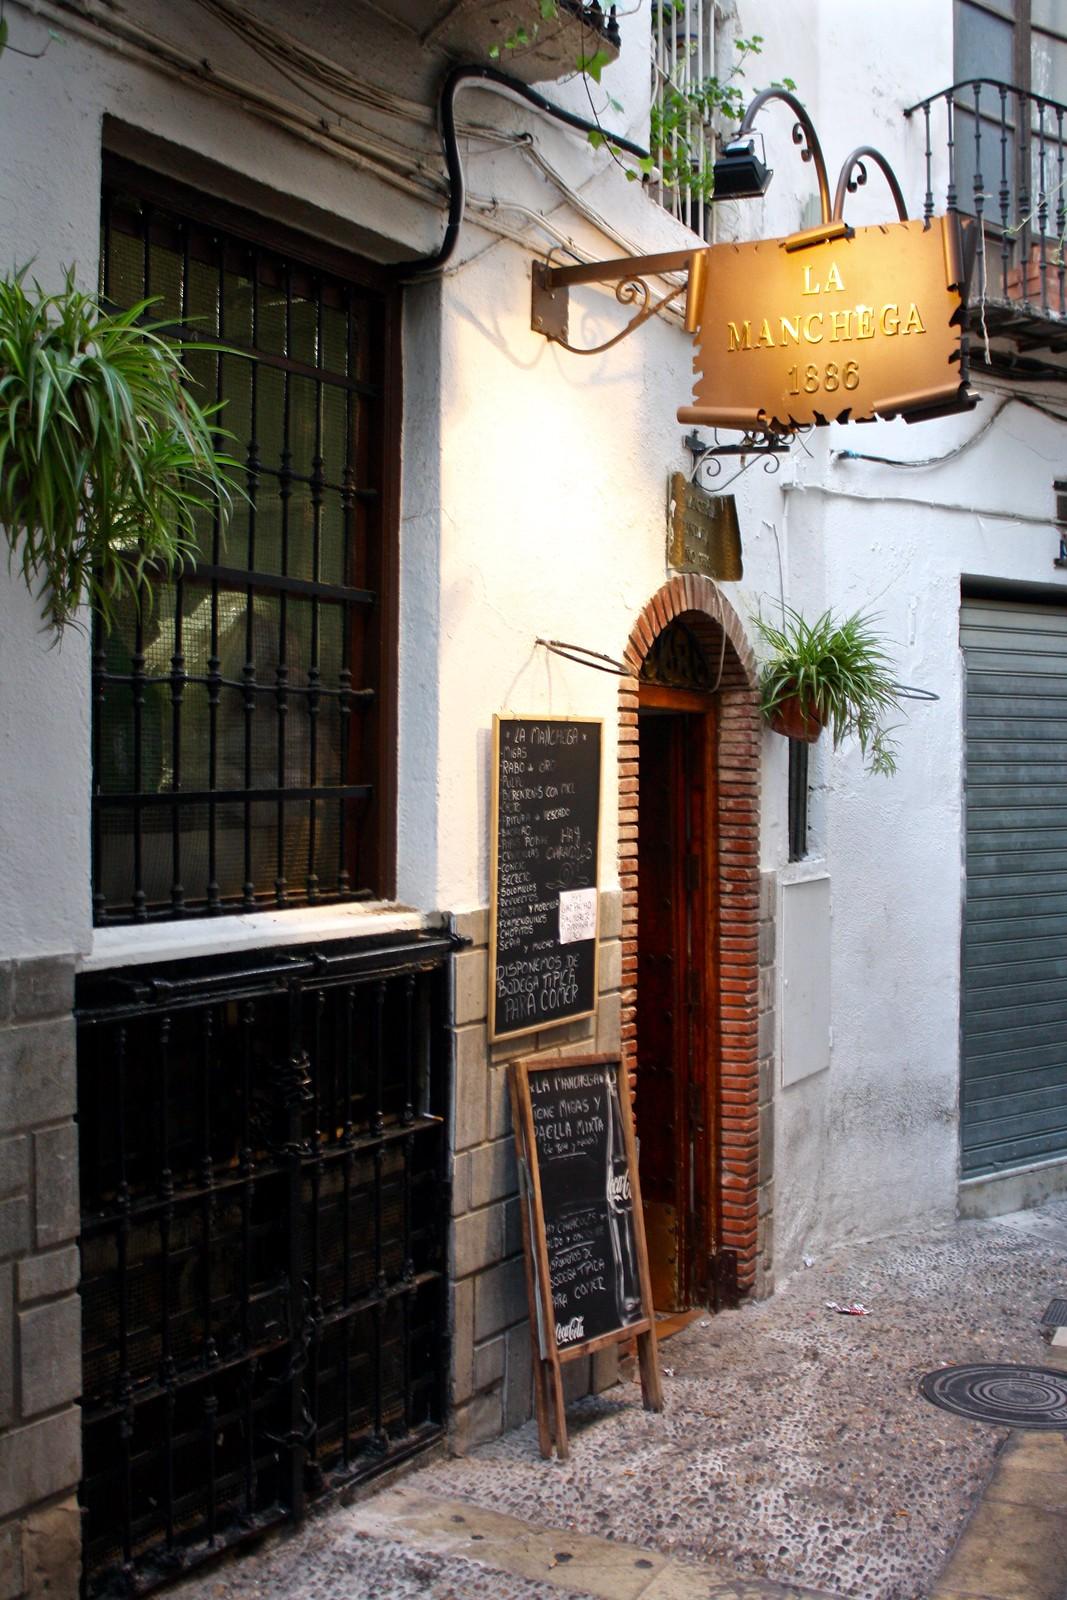 Entrance to the bar La Manchega, Jaén, Spain